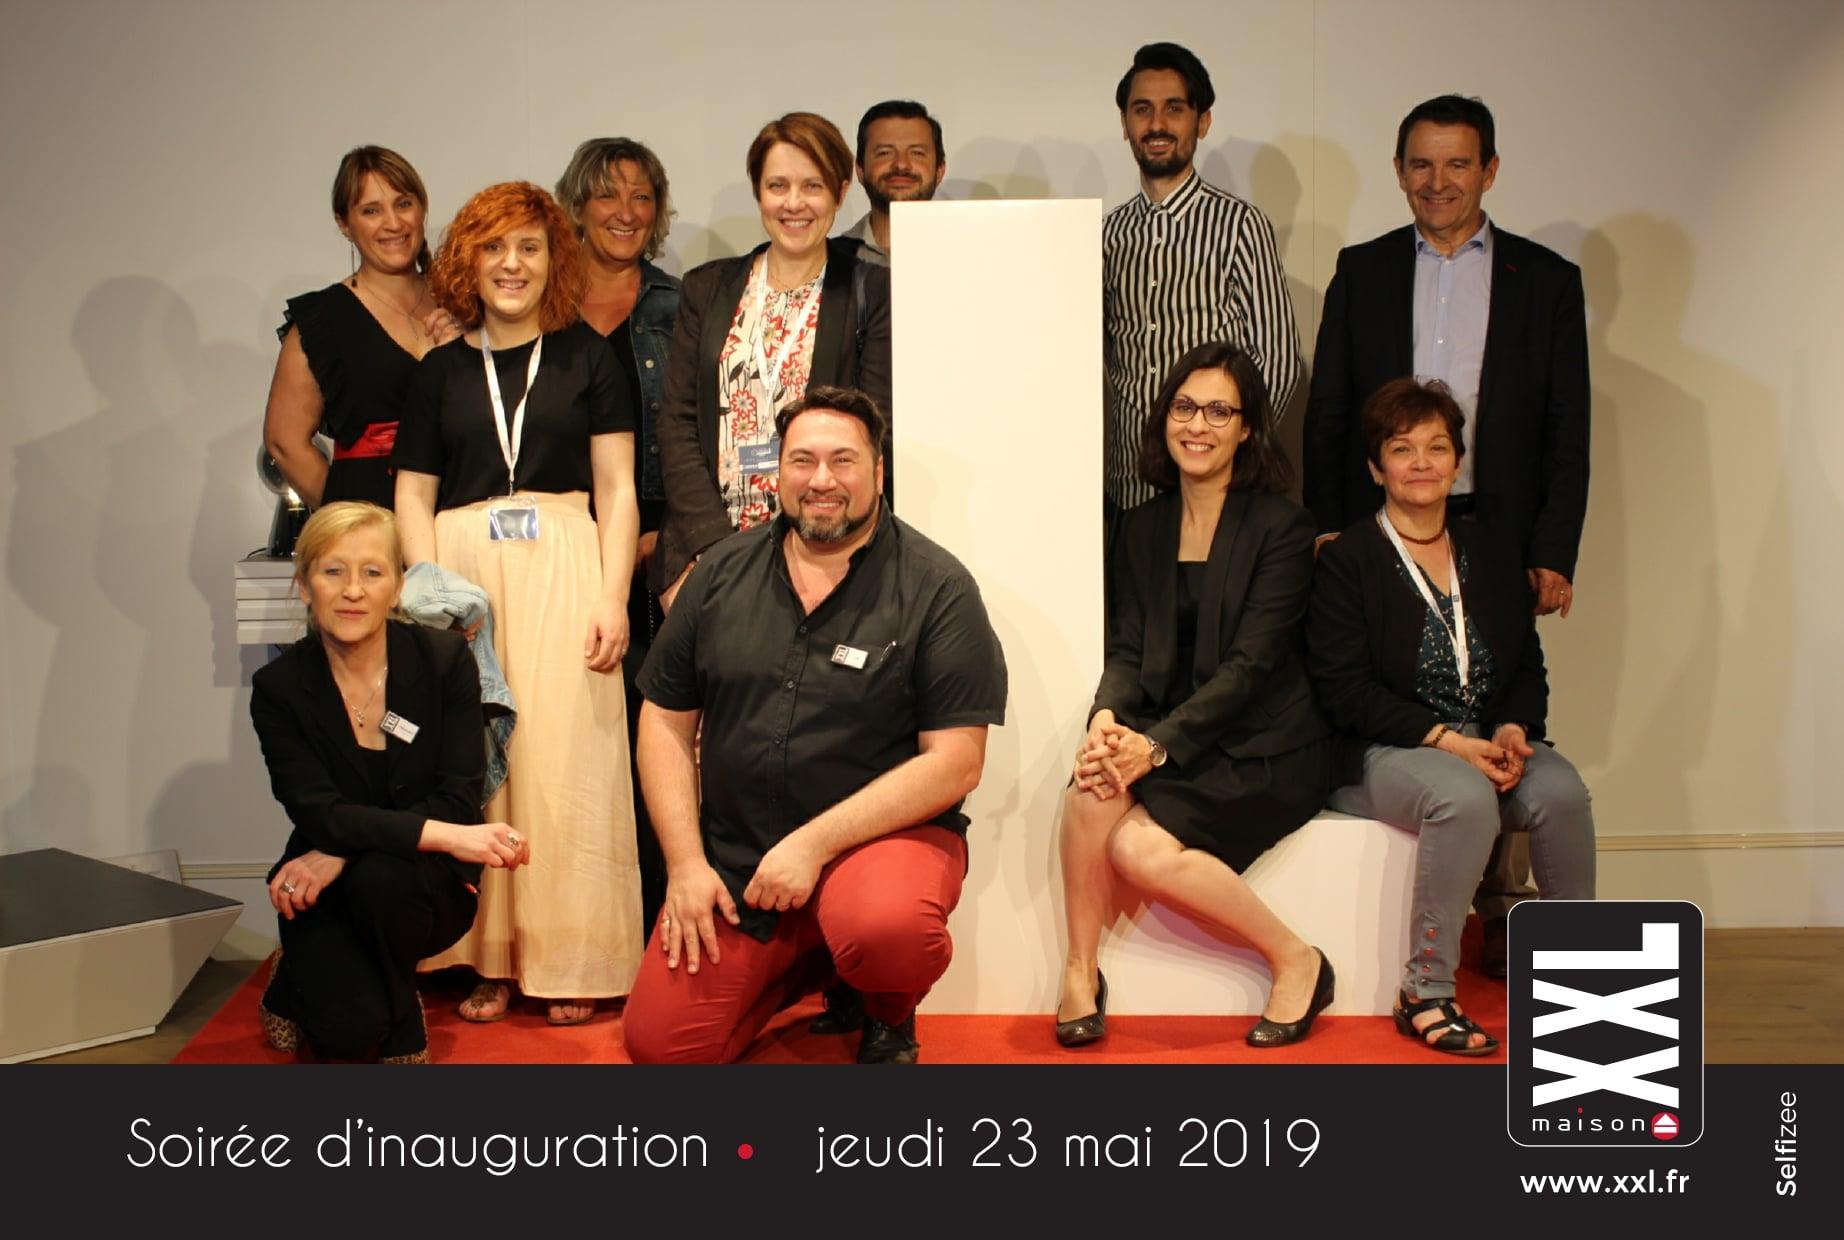 Borne photo connectée avec impressions selfies à la soirée d'inauguration magasin XXL Maison Riom près de Clermont Ferrand